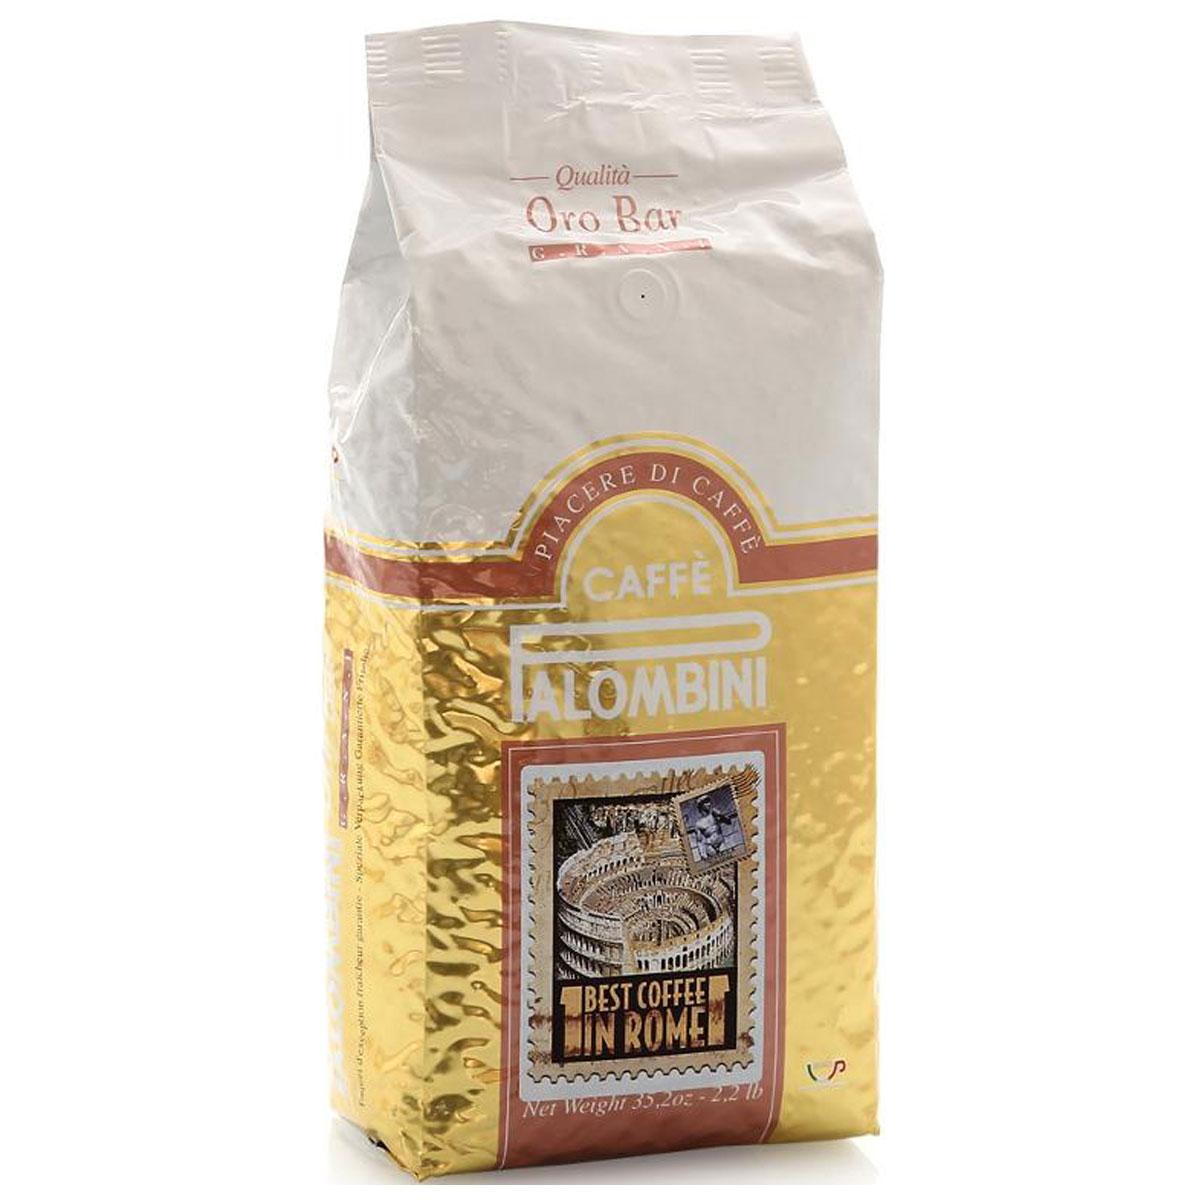 Palombini Oro Bar кофе в зернах, 1 кг8009785302417Натуральный жареный кофе в зернах Palombini Oro Bar,высший сорт. Самые ценные атрибуты этой смеси - выразительность вкусаи насыщенная консистенция. Oro Bar замечательно подойдет как для приготовления пробуждающего эспрессо, так и изысканного каппуччино. Смесь содержит 85% арабики и 15% робусты.